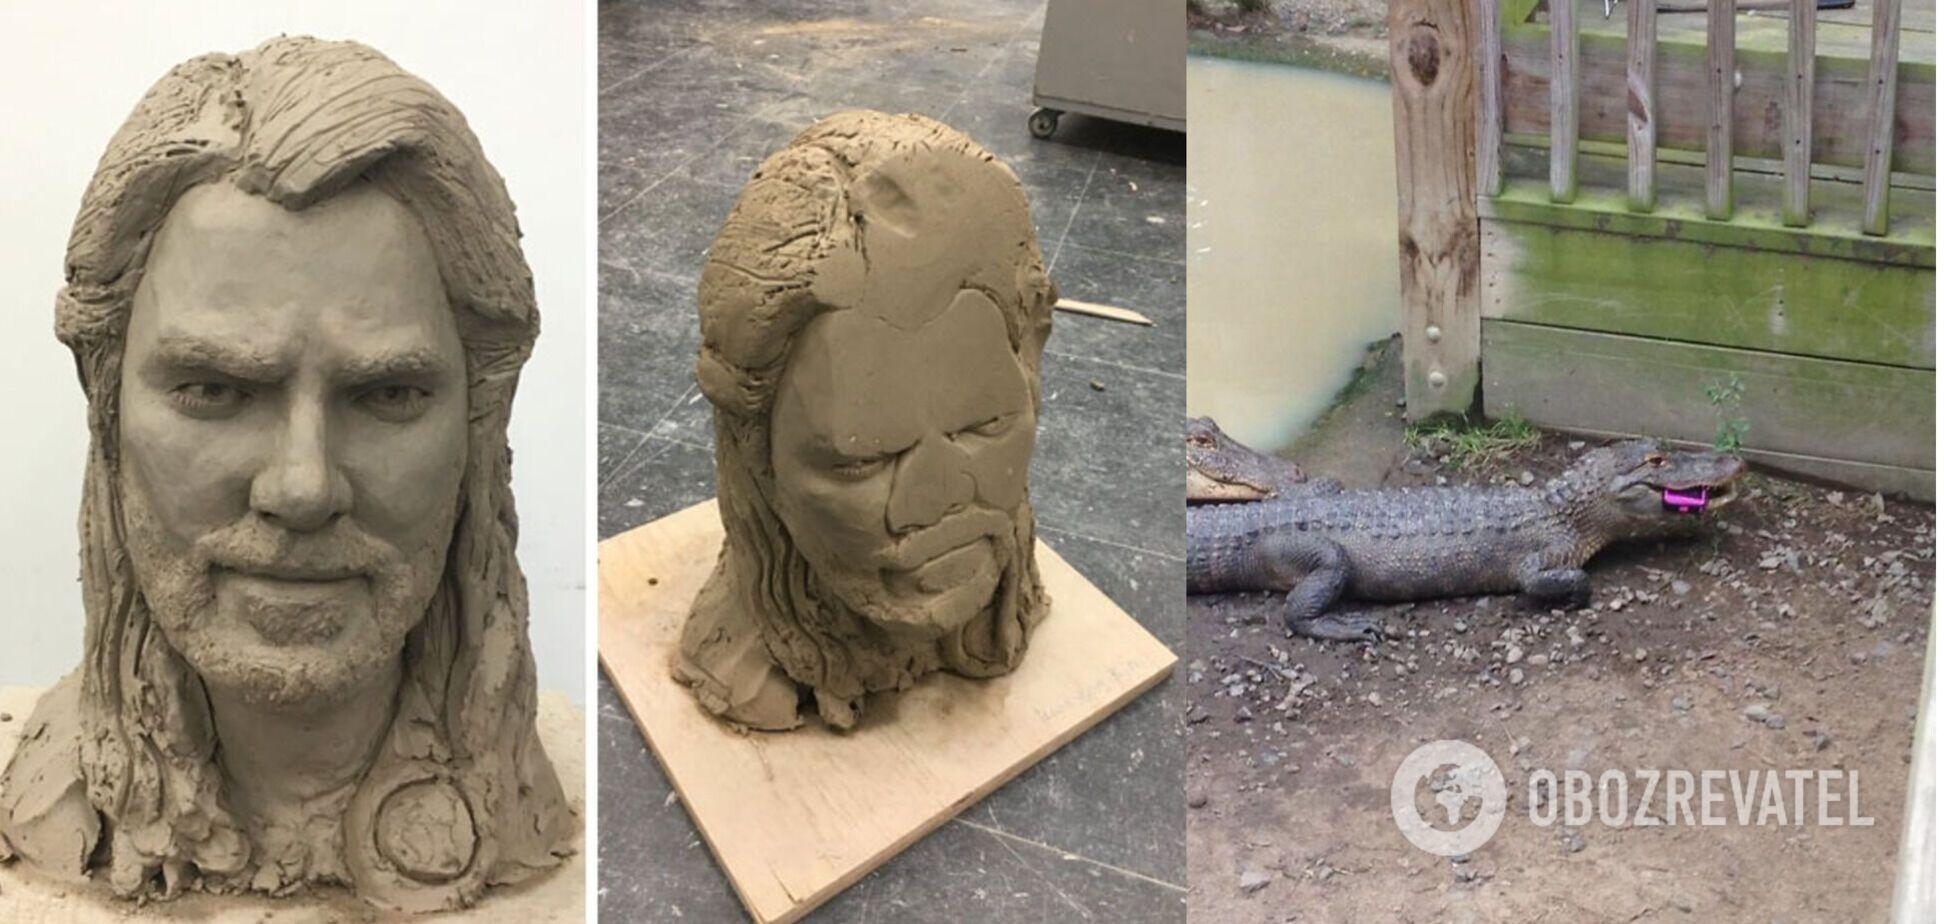 Крокодил з'їв смартфон, а витончена скульптура впала з полиці